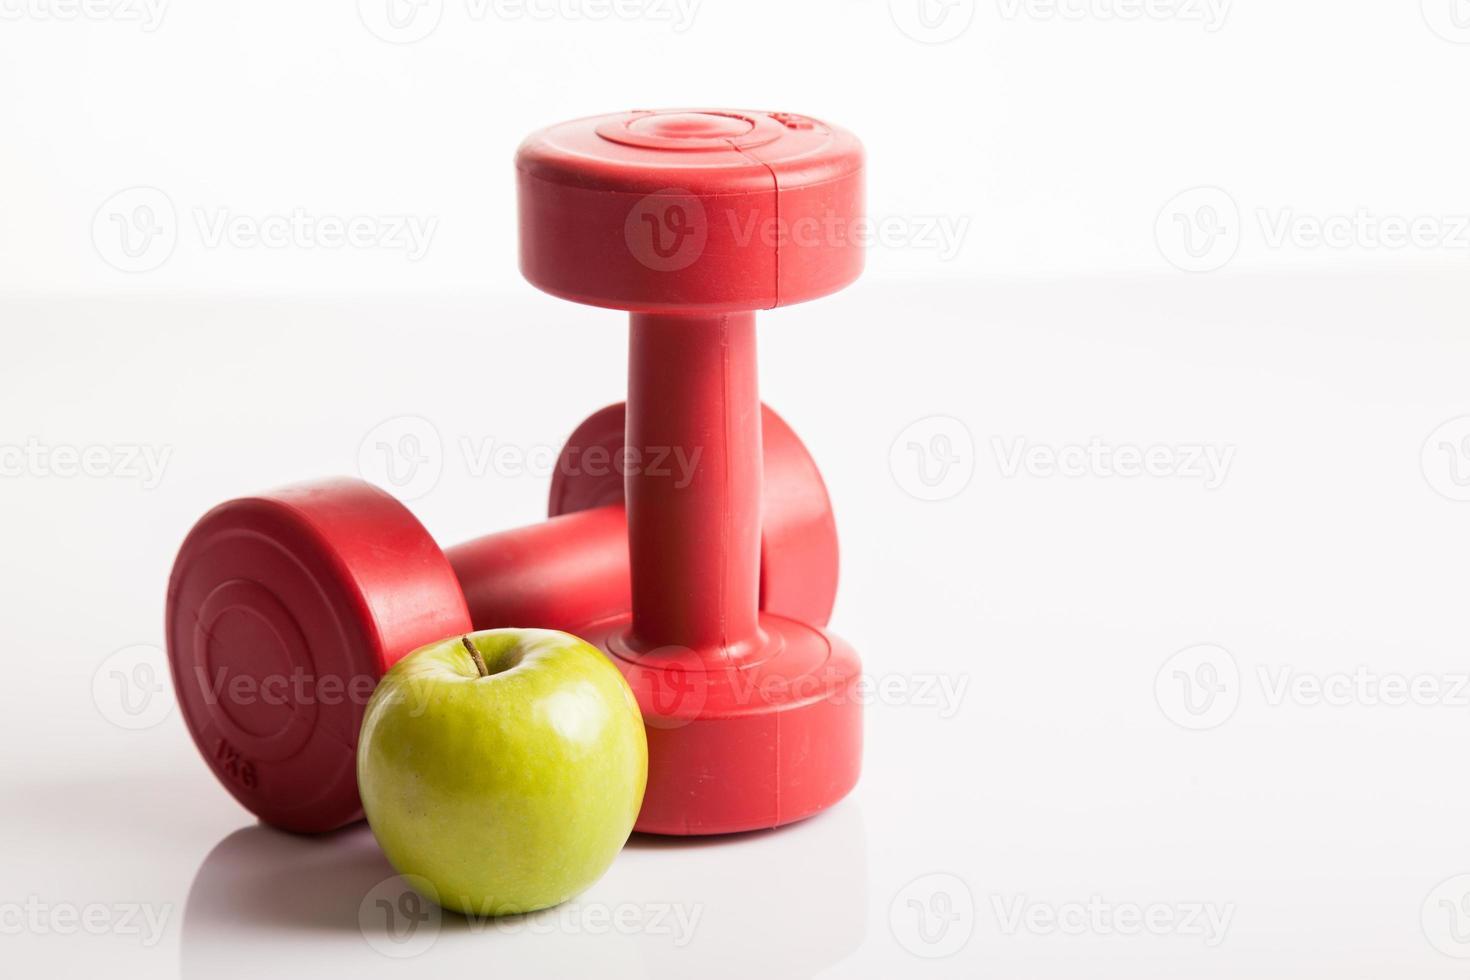 röda hantlar vikt med grönt äpple foto